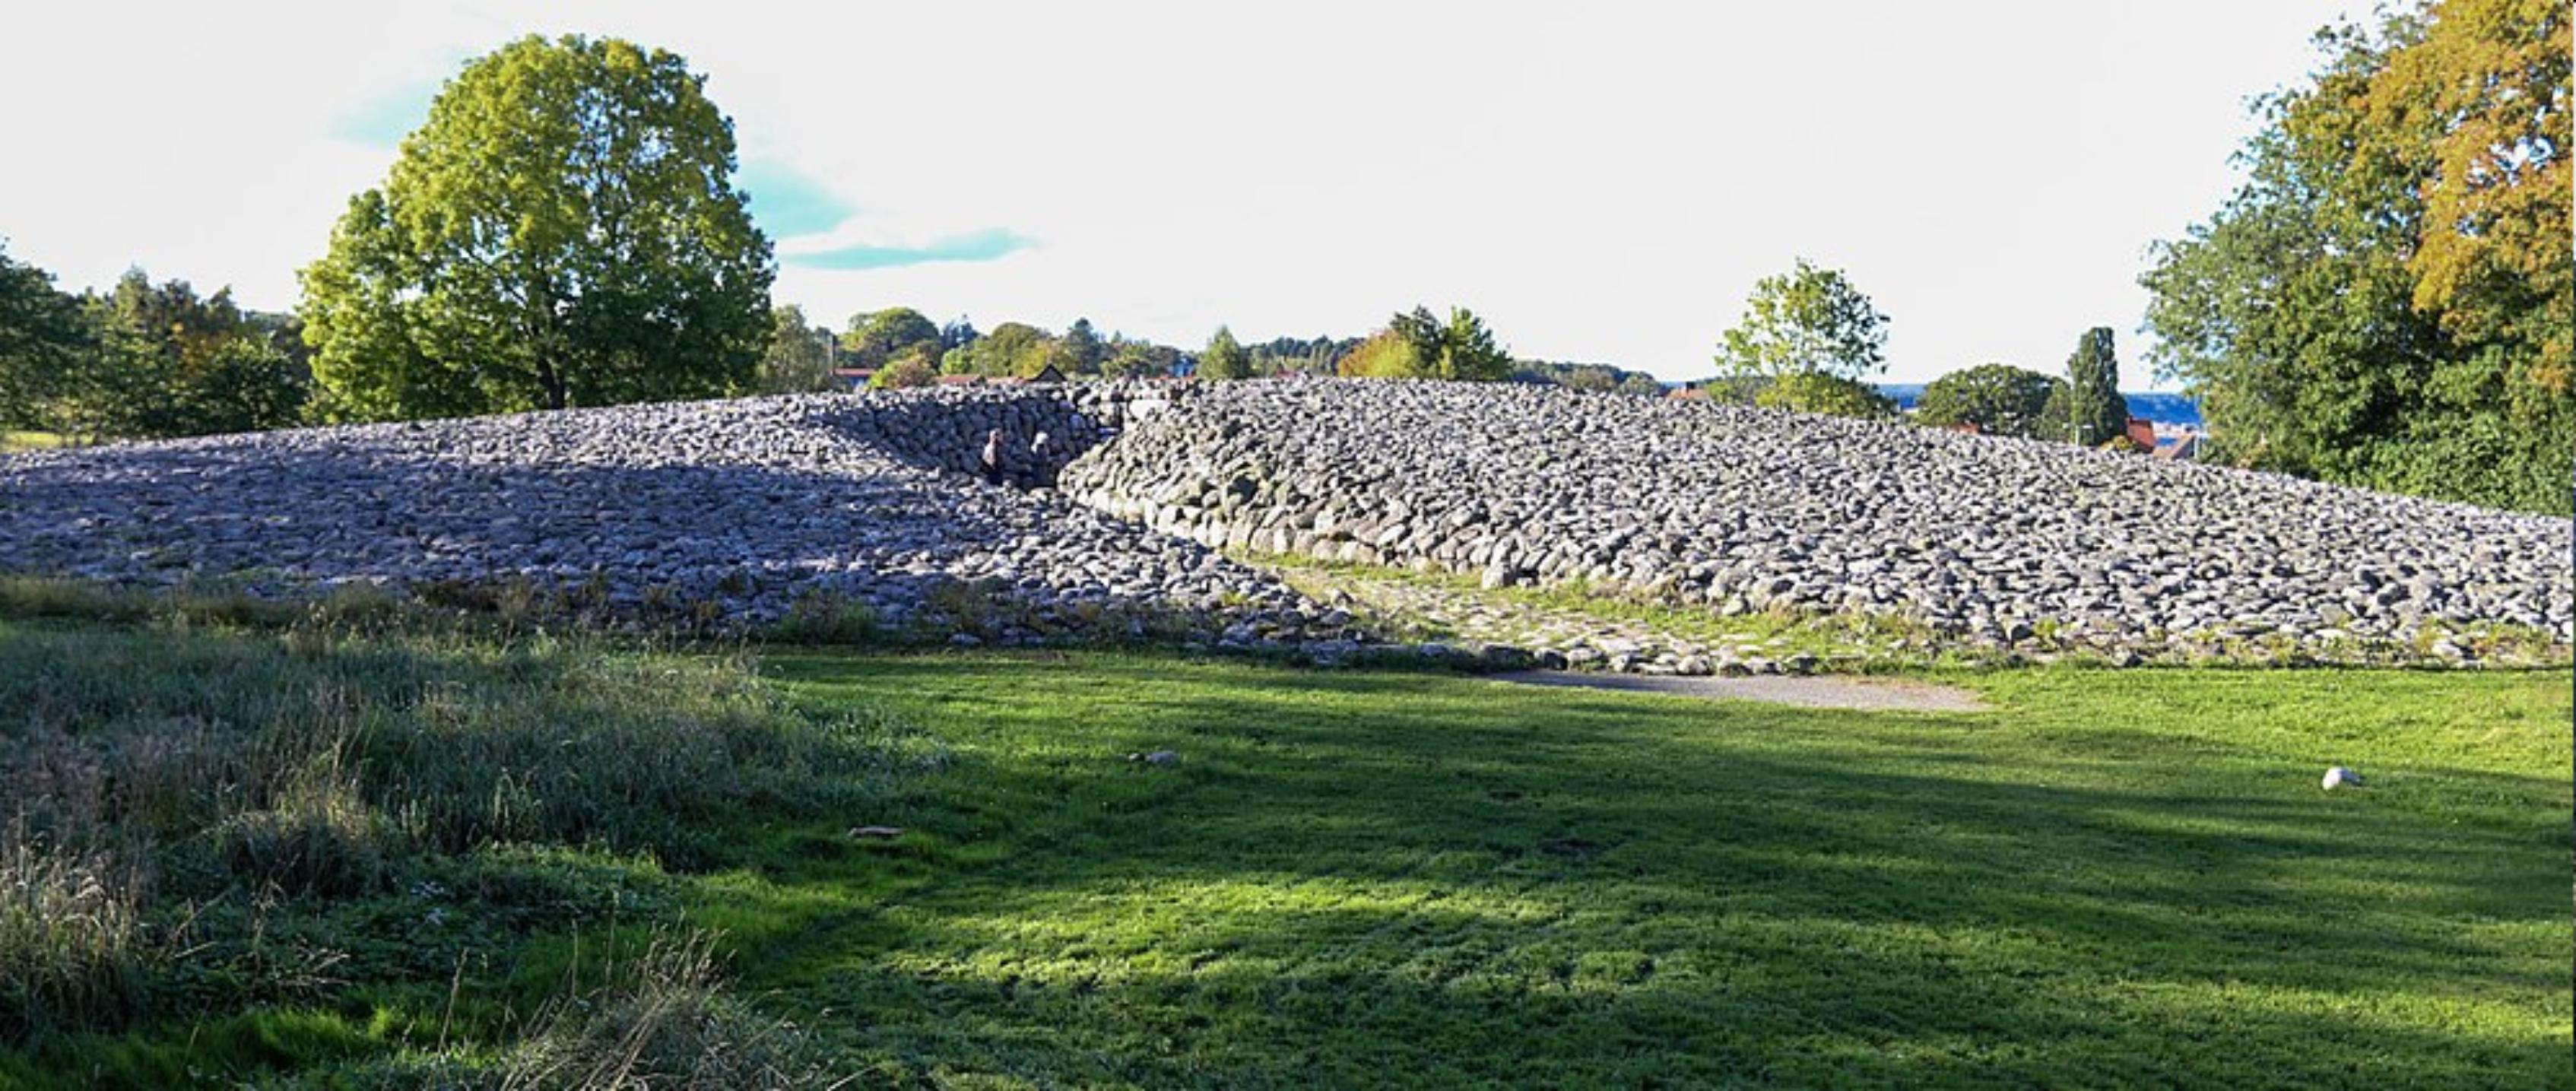 Tio viktiga platser att besöka: Utanför Kiviksgraven